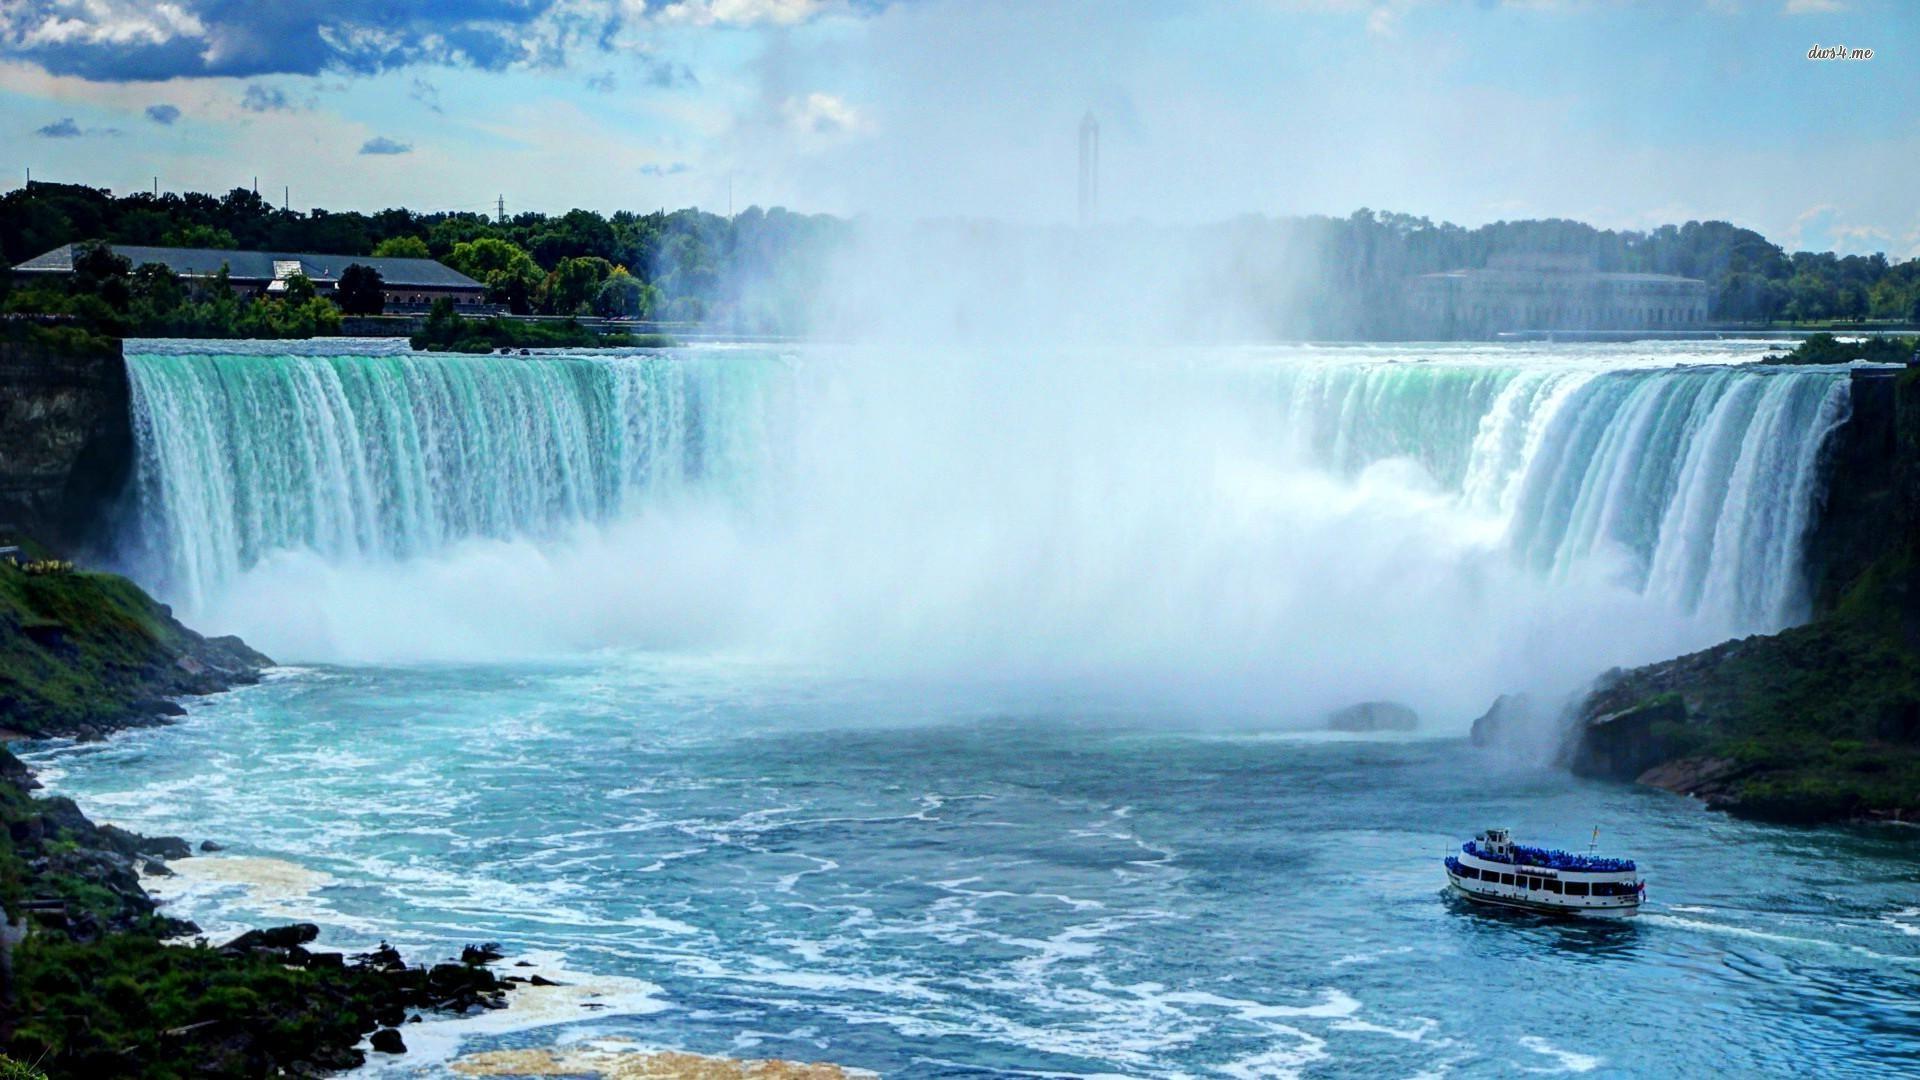 Niagara Falls Wallpaper Iphone Niagara Falls Fonds D 233 Cran Arri 232 Res Plan 1920x1080